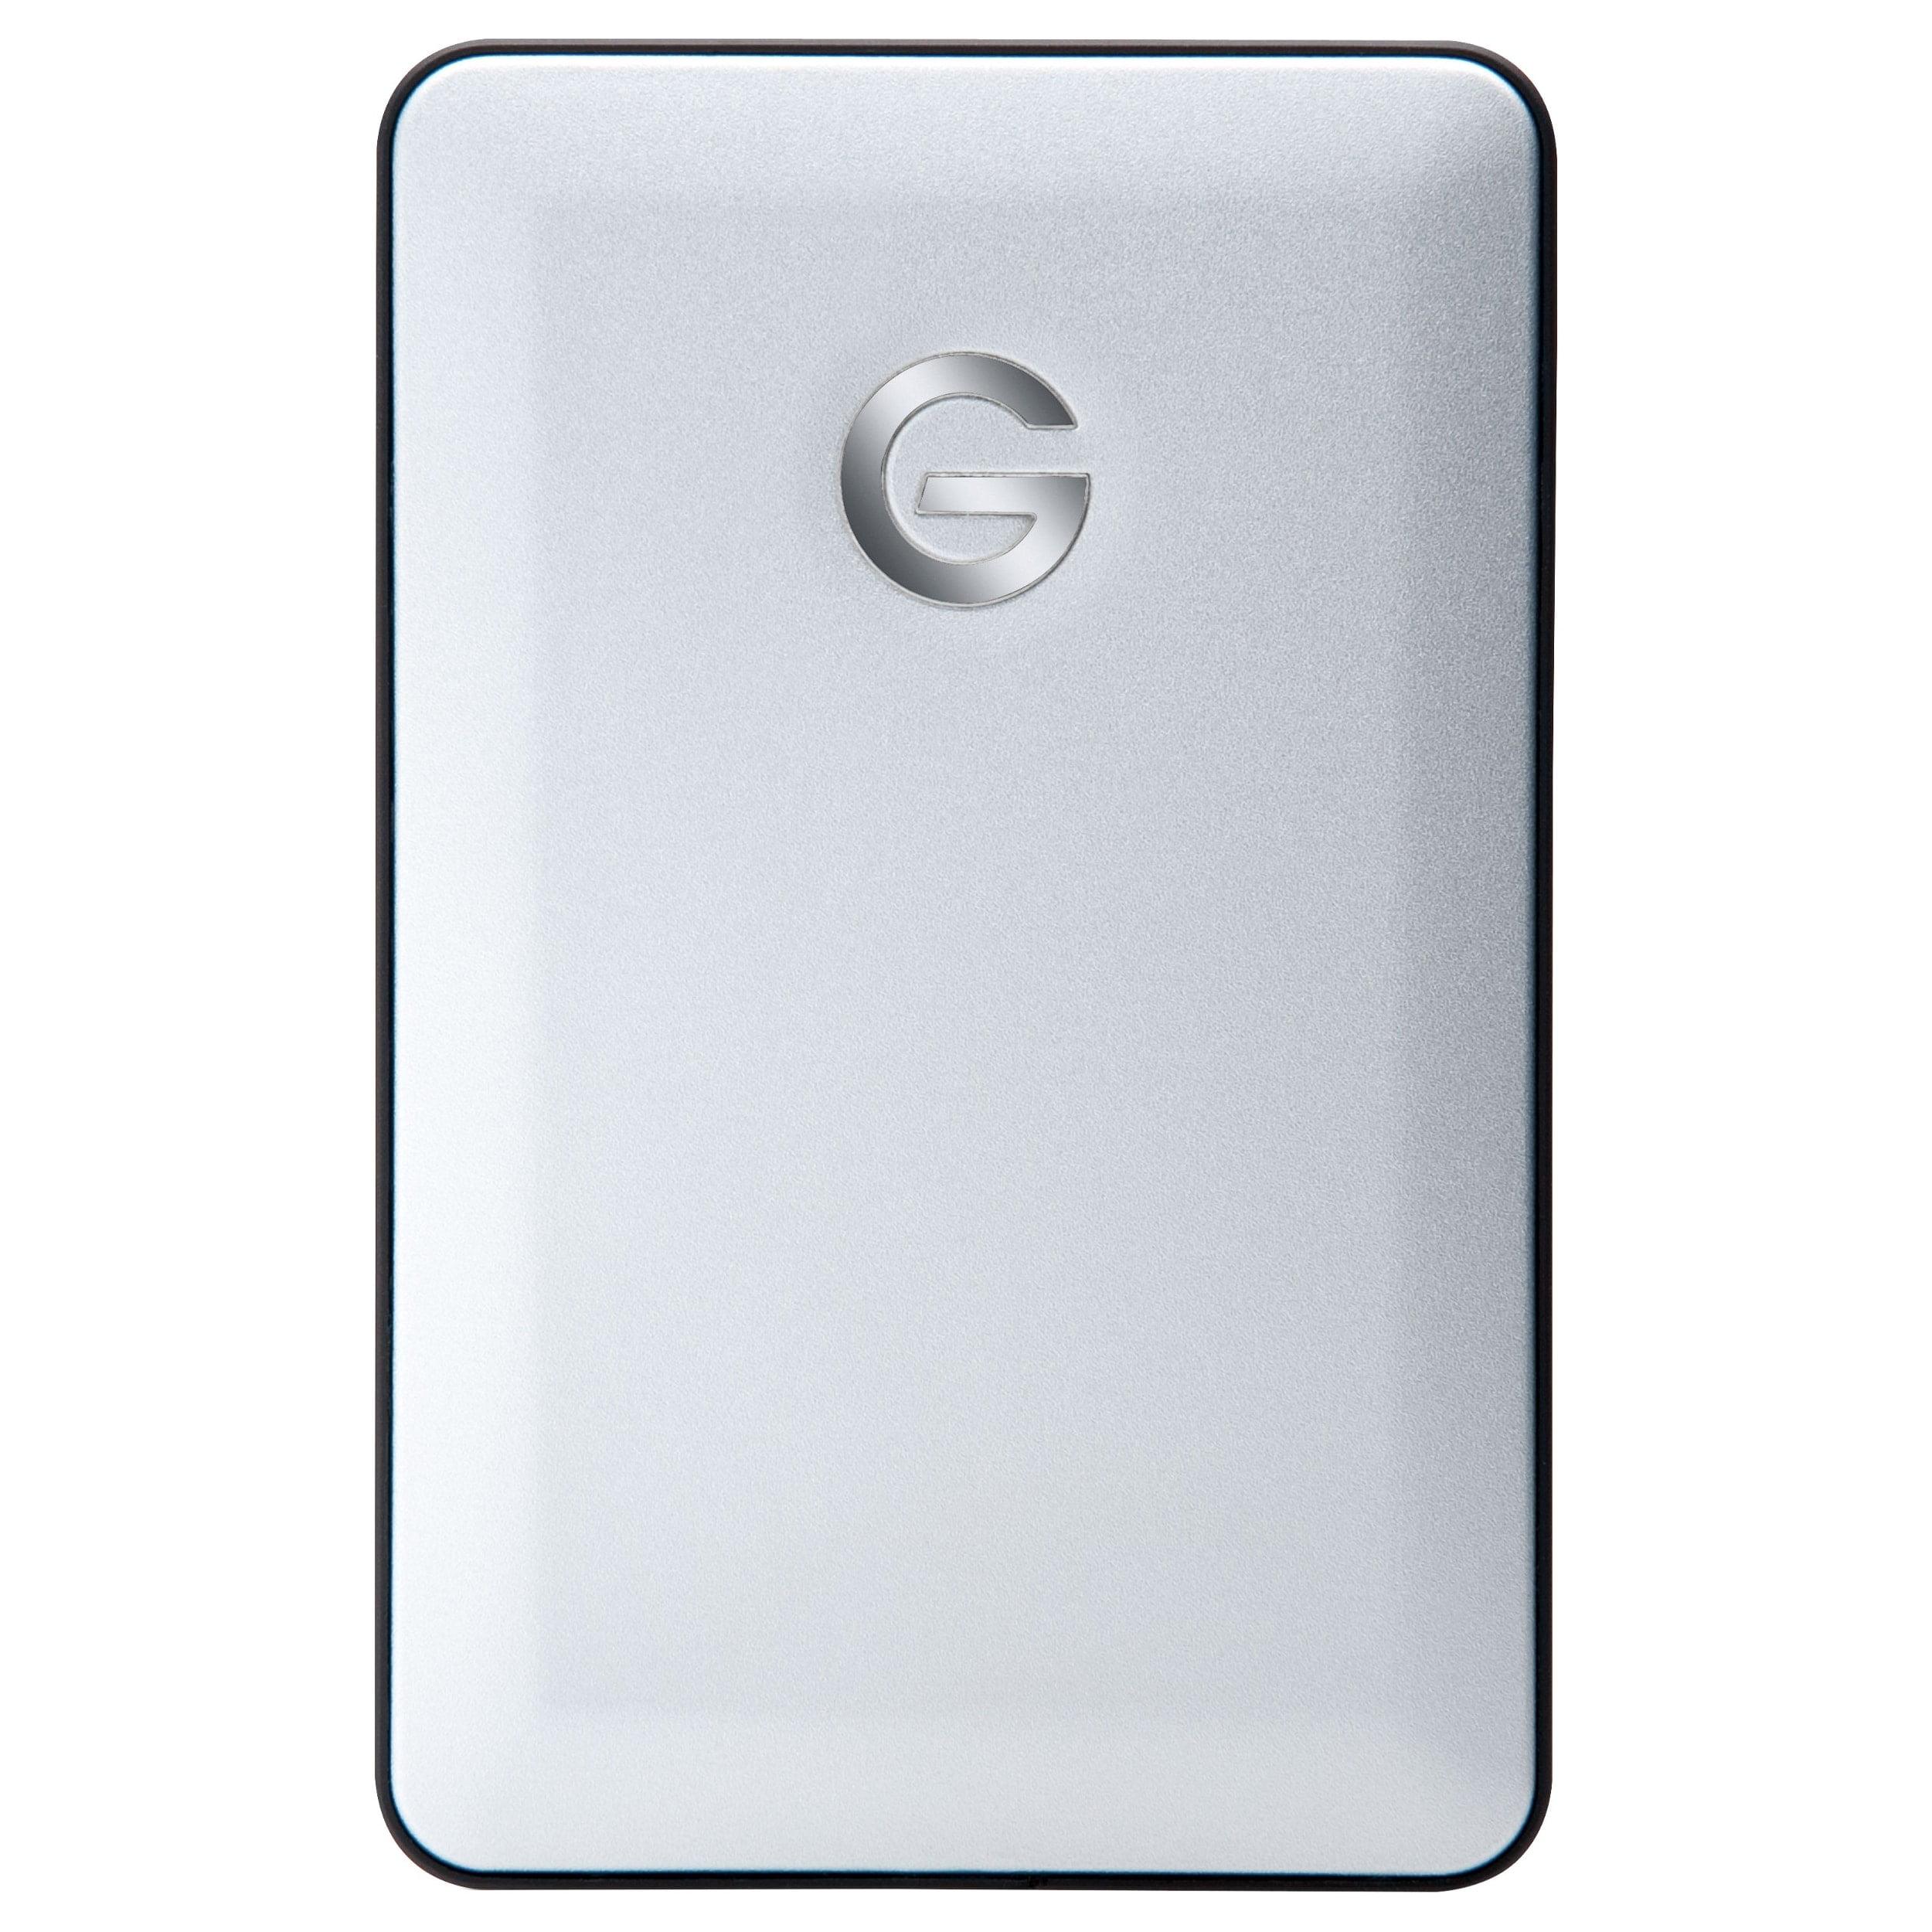 G-Technology HGST G-DRIVE mobile USB GDRU3PA10001BDB 1 TB External Hard Drive - SA